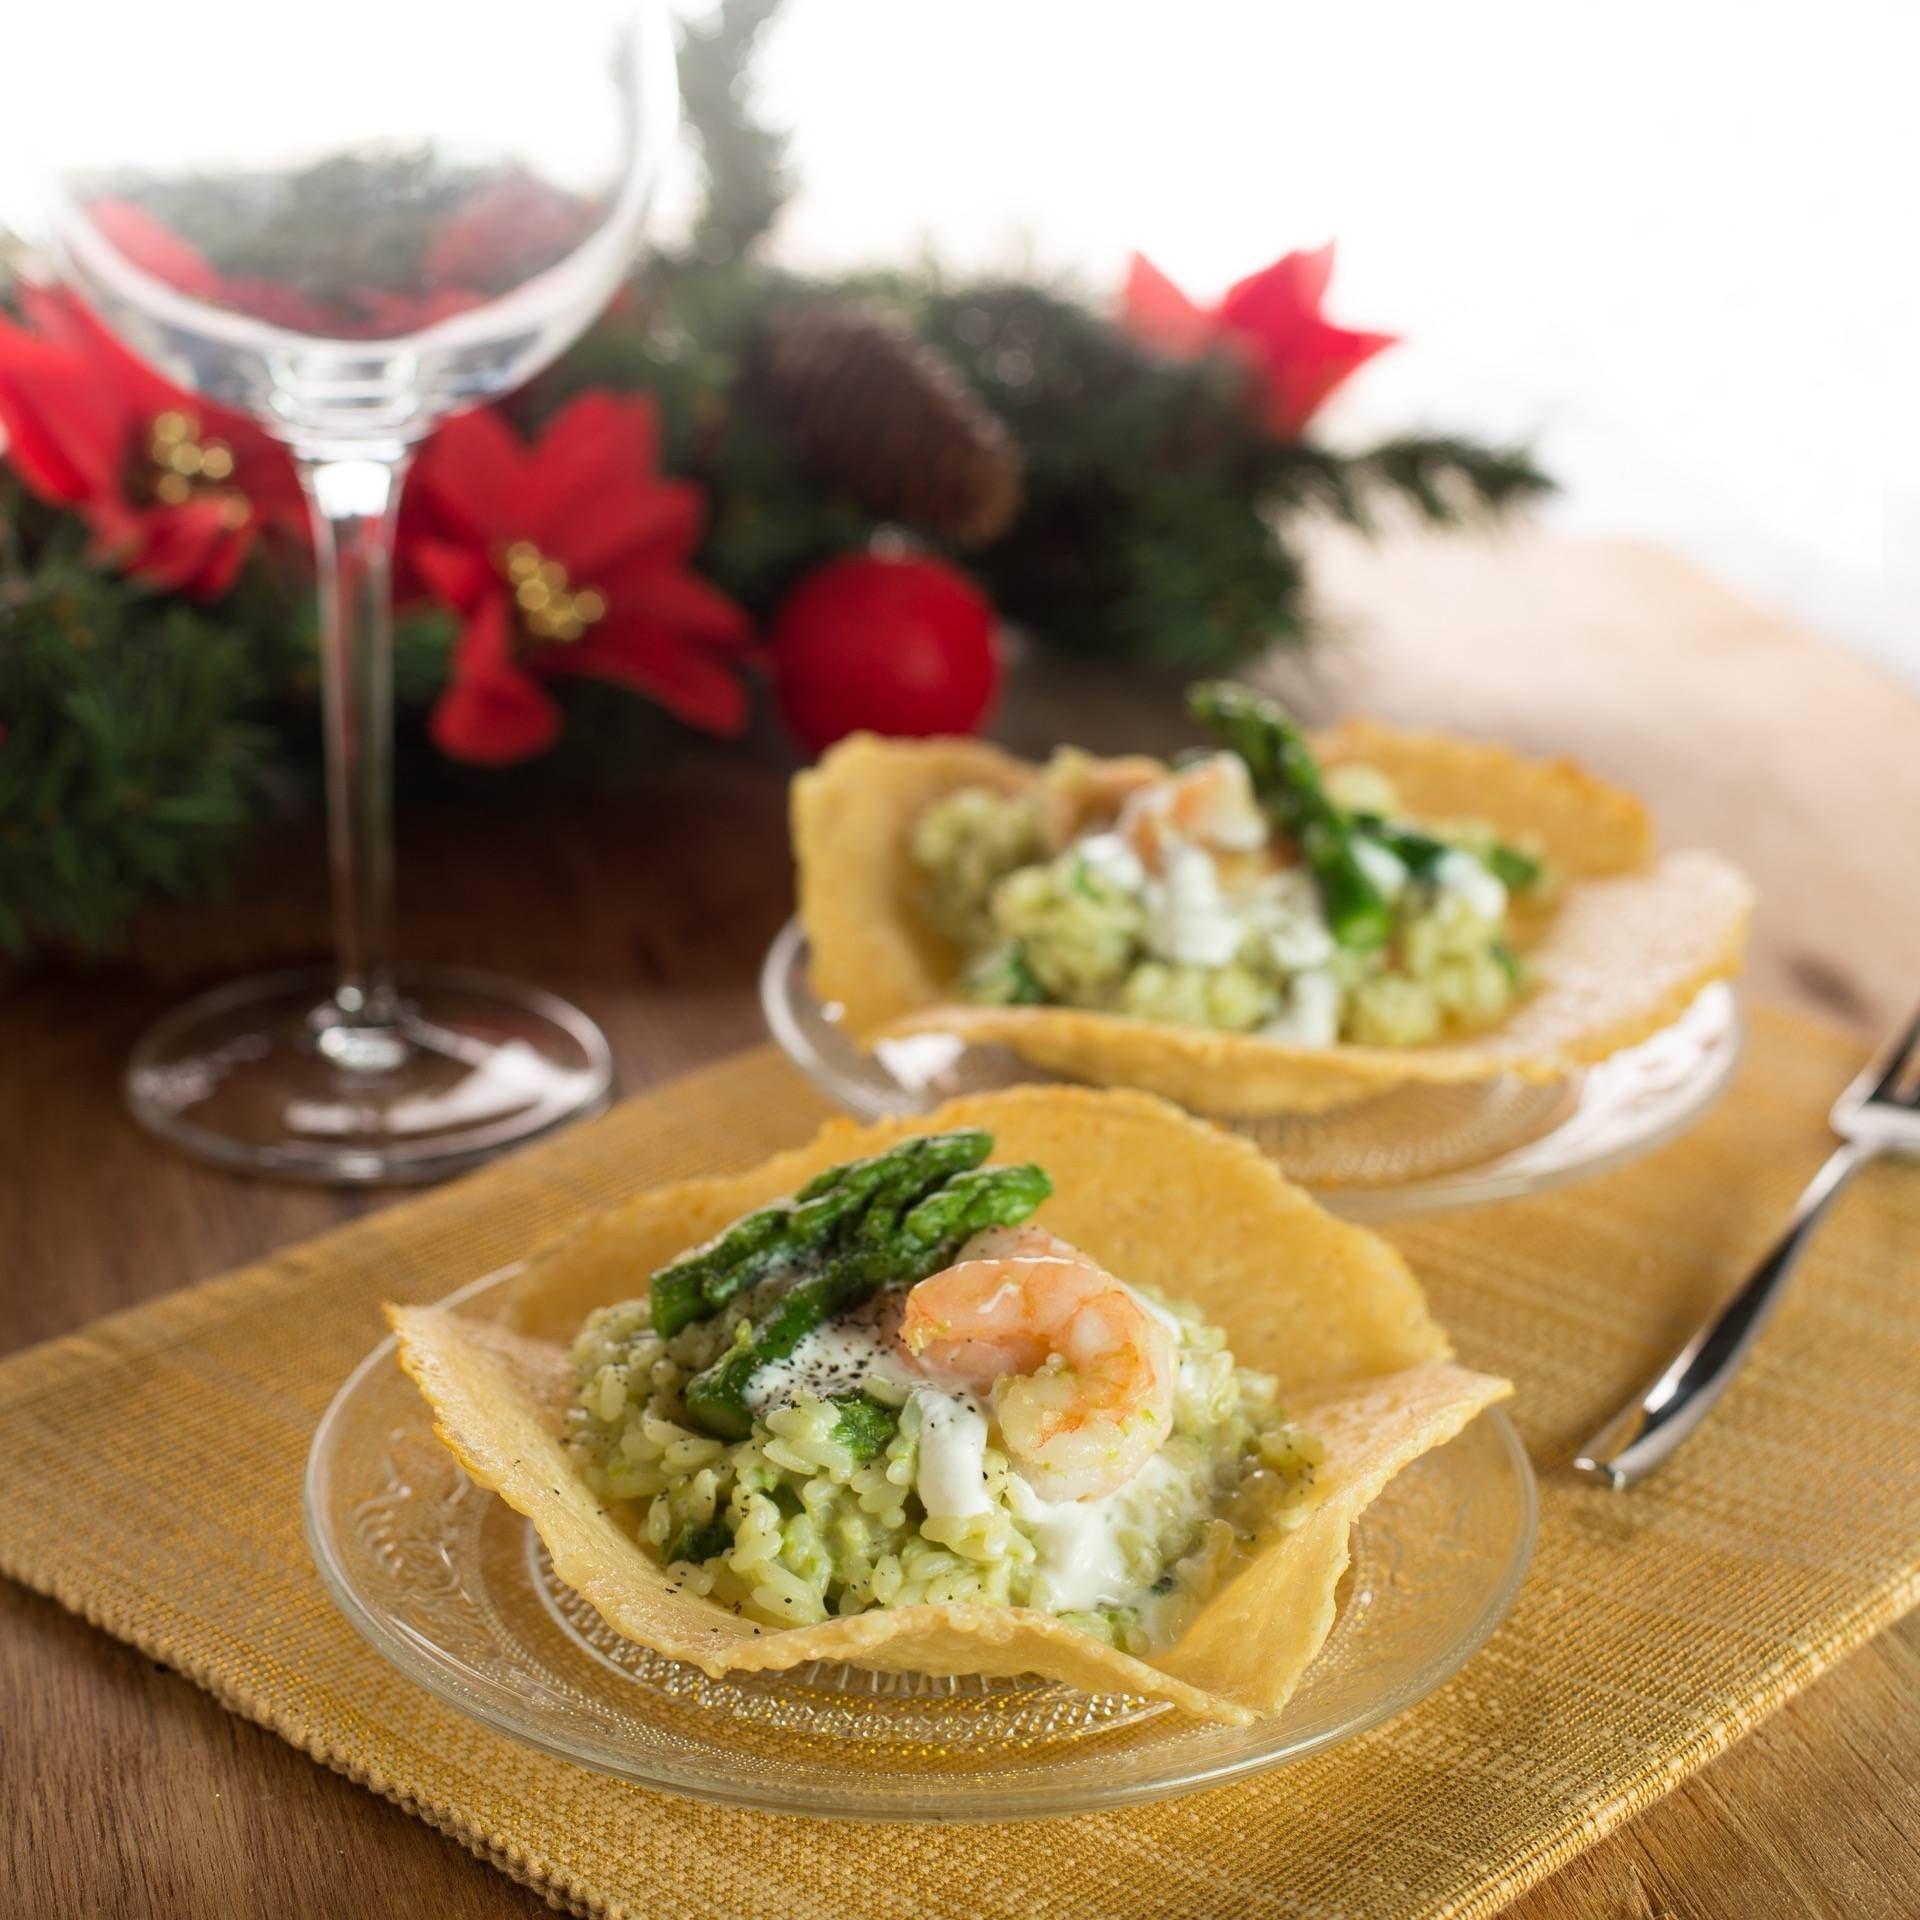 Risotto agli asparagi e gamberi - Parmalat